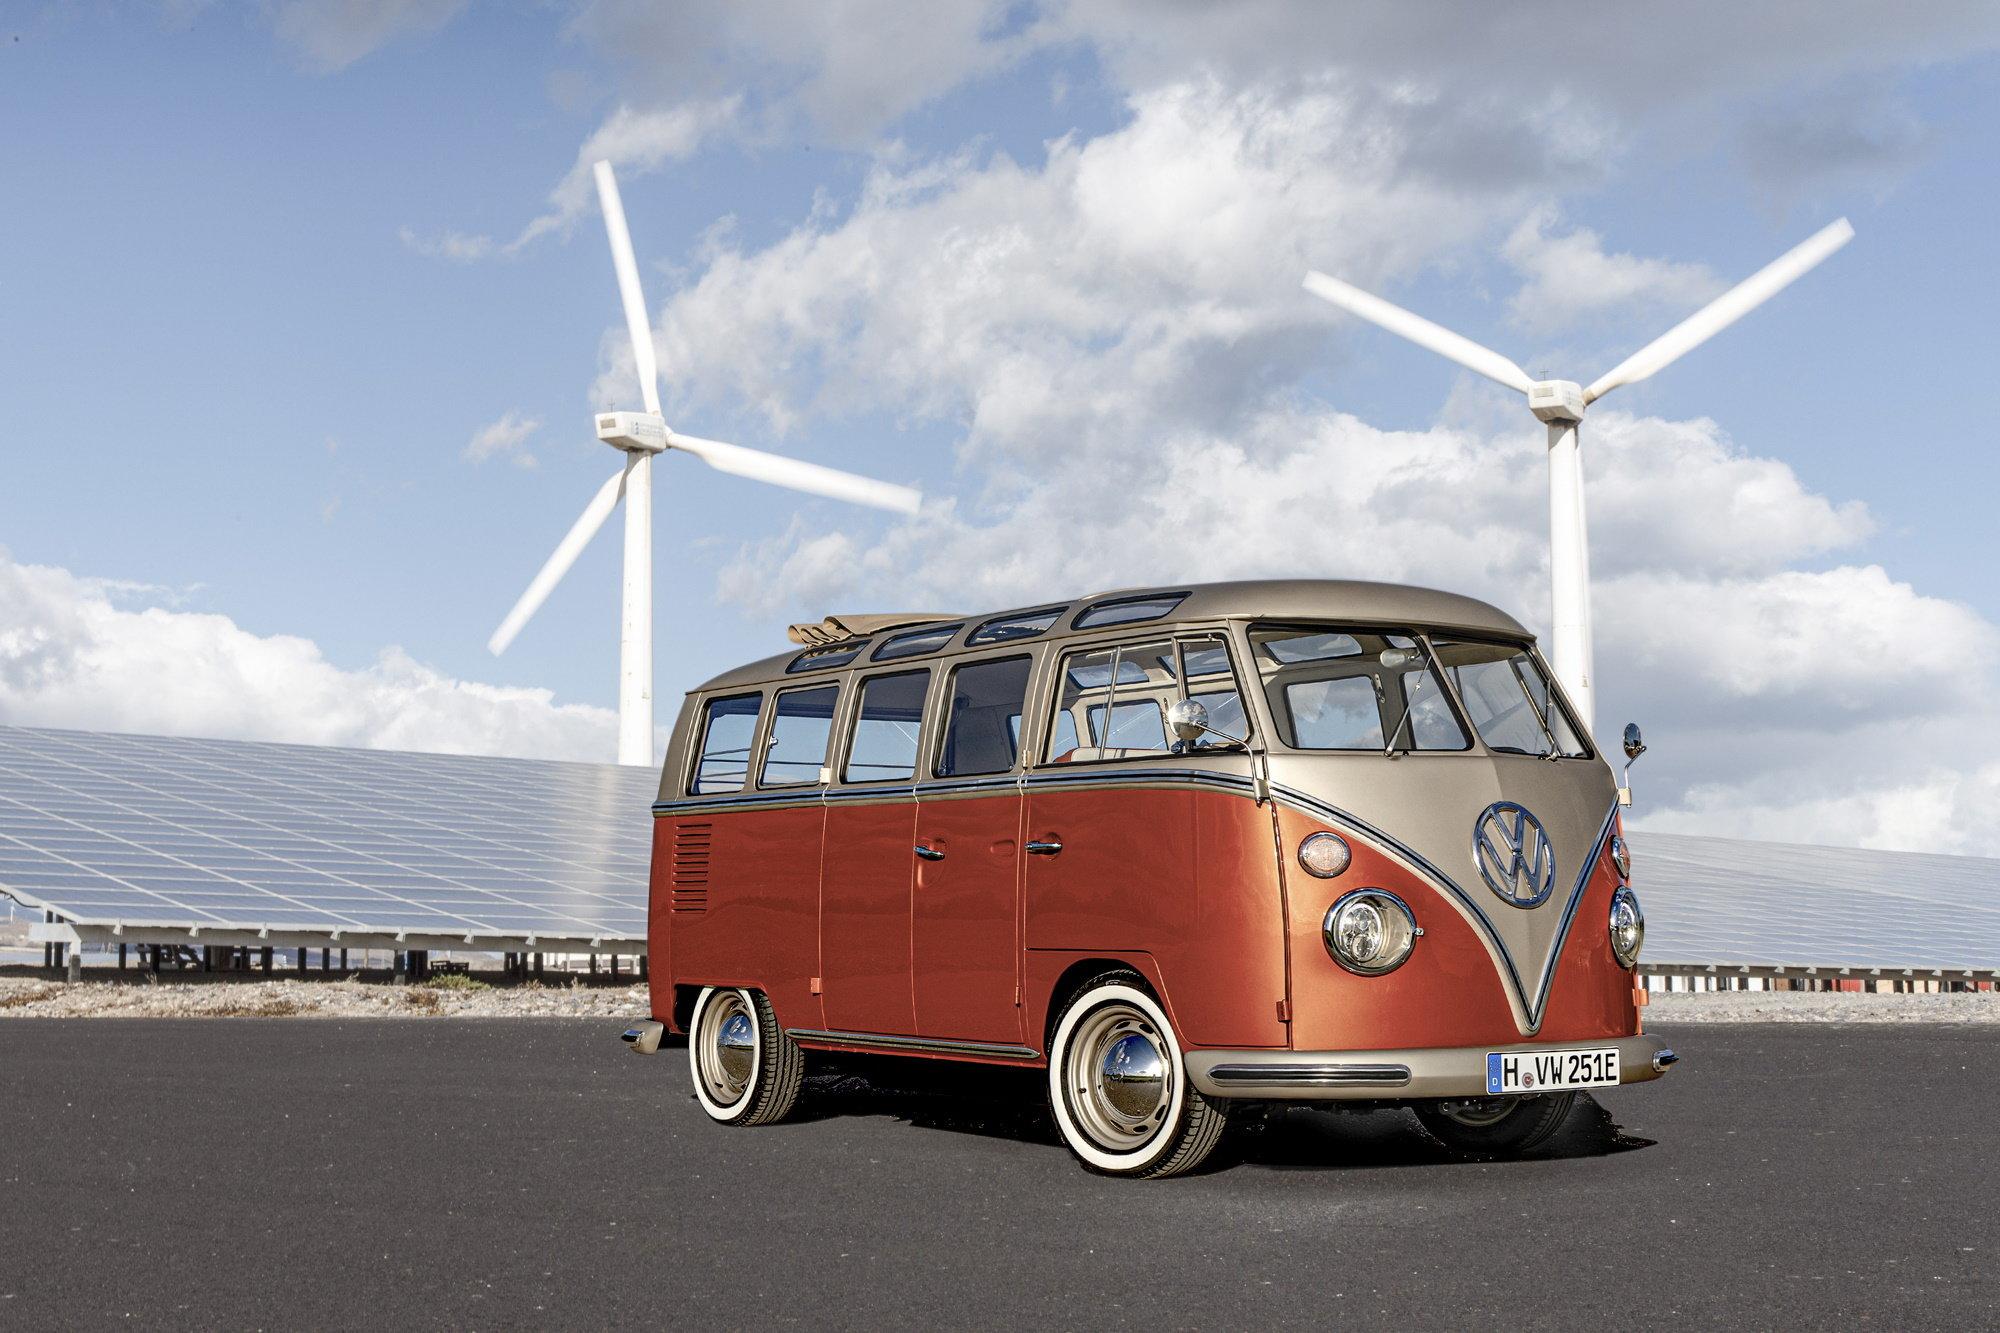 Оригинальный Transporter T1 превратили в милый электромобиль